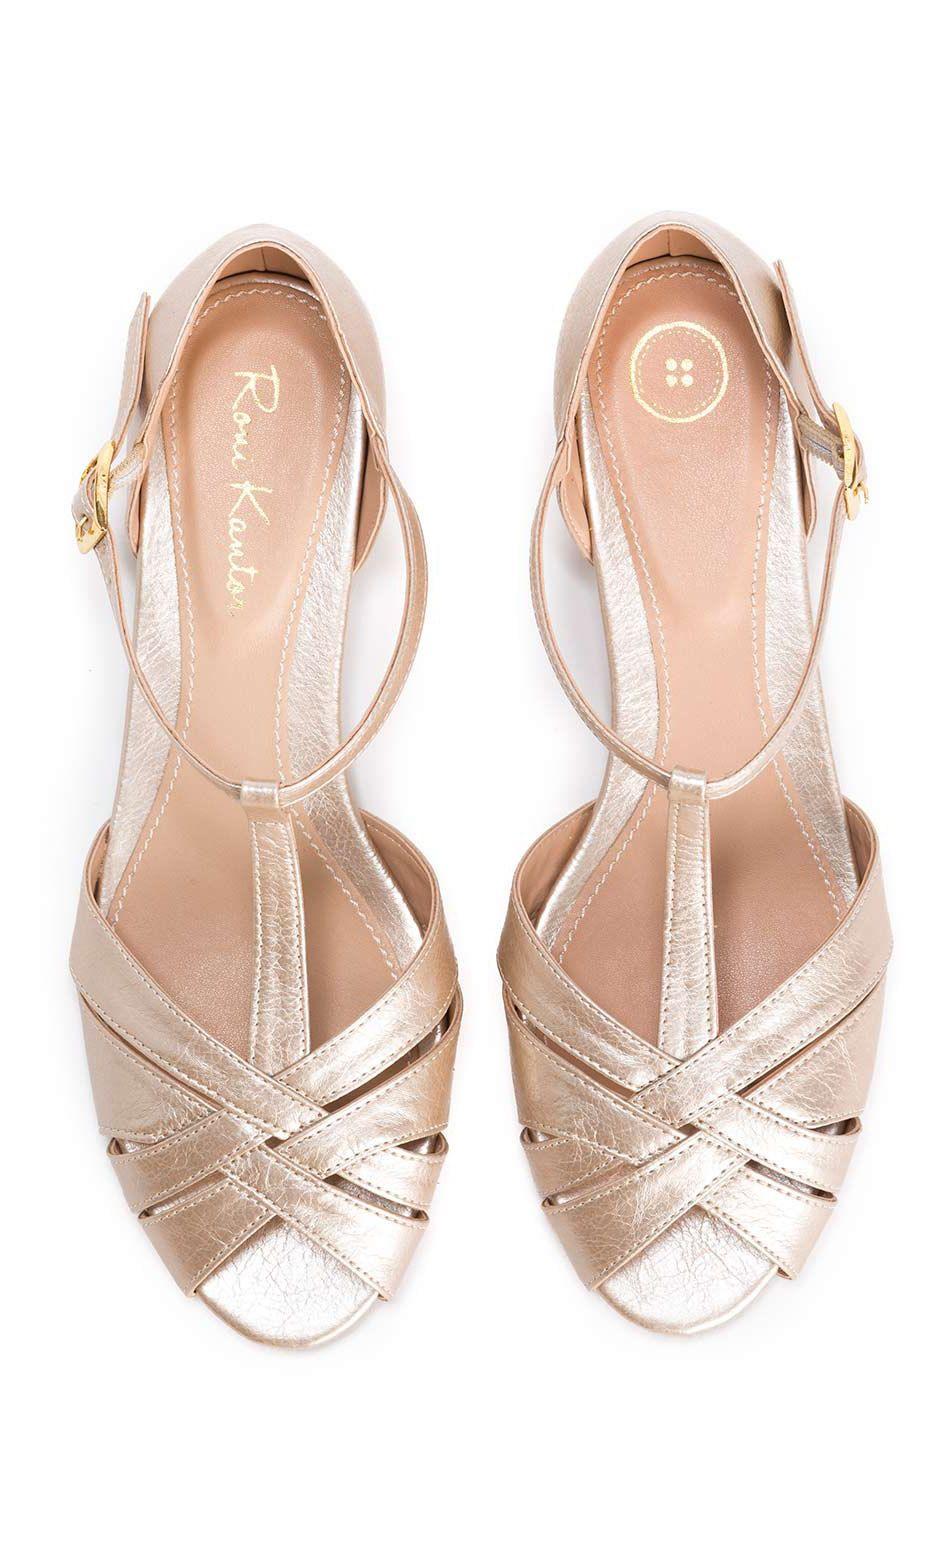 Champagne bridal sandals peep toe vegan beautiful